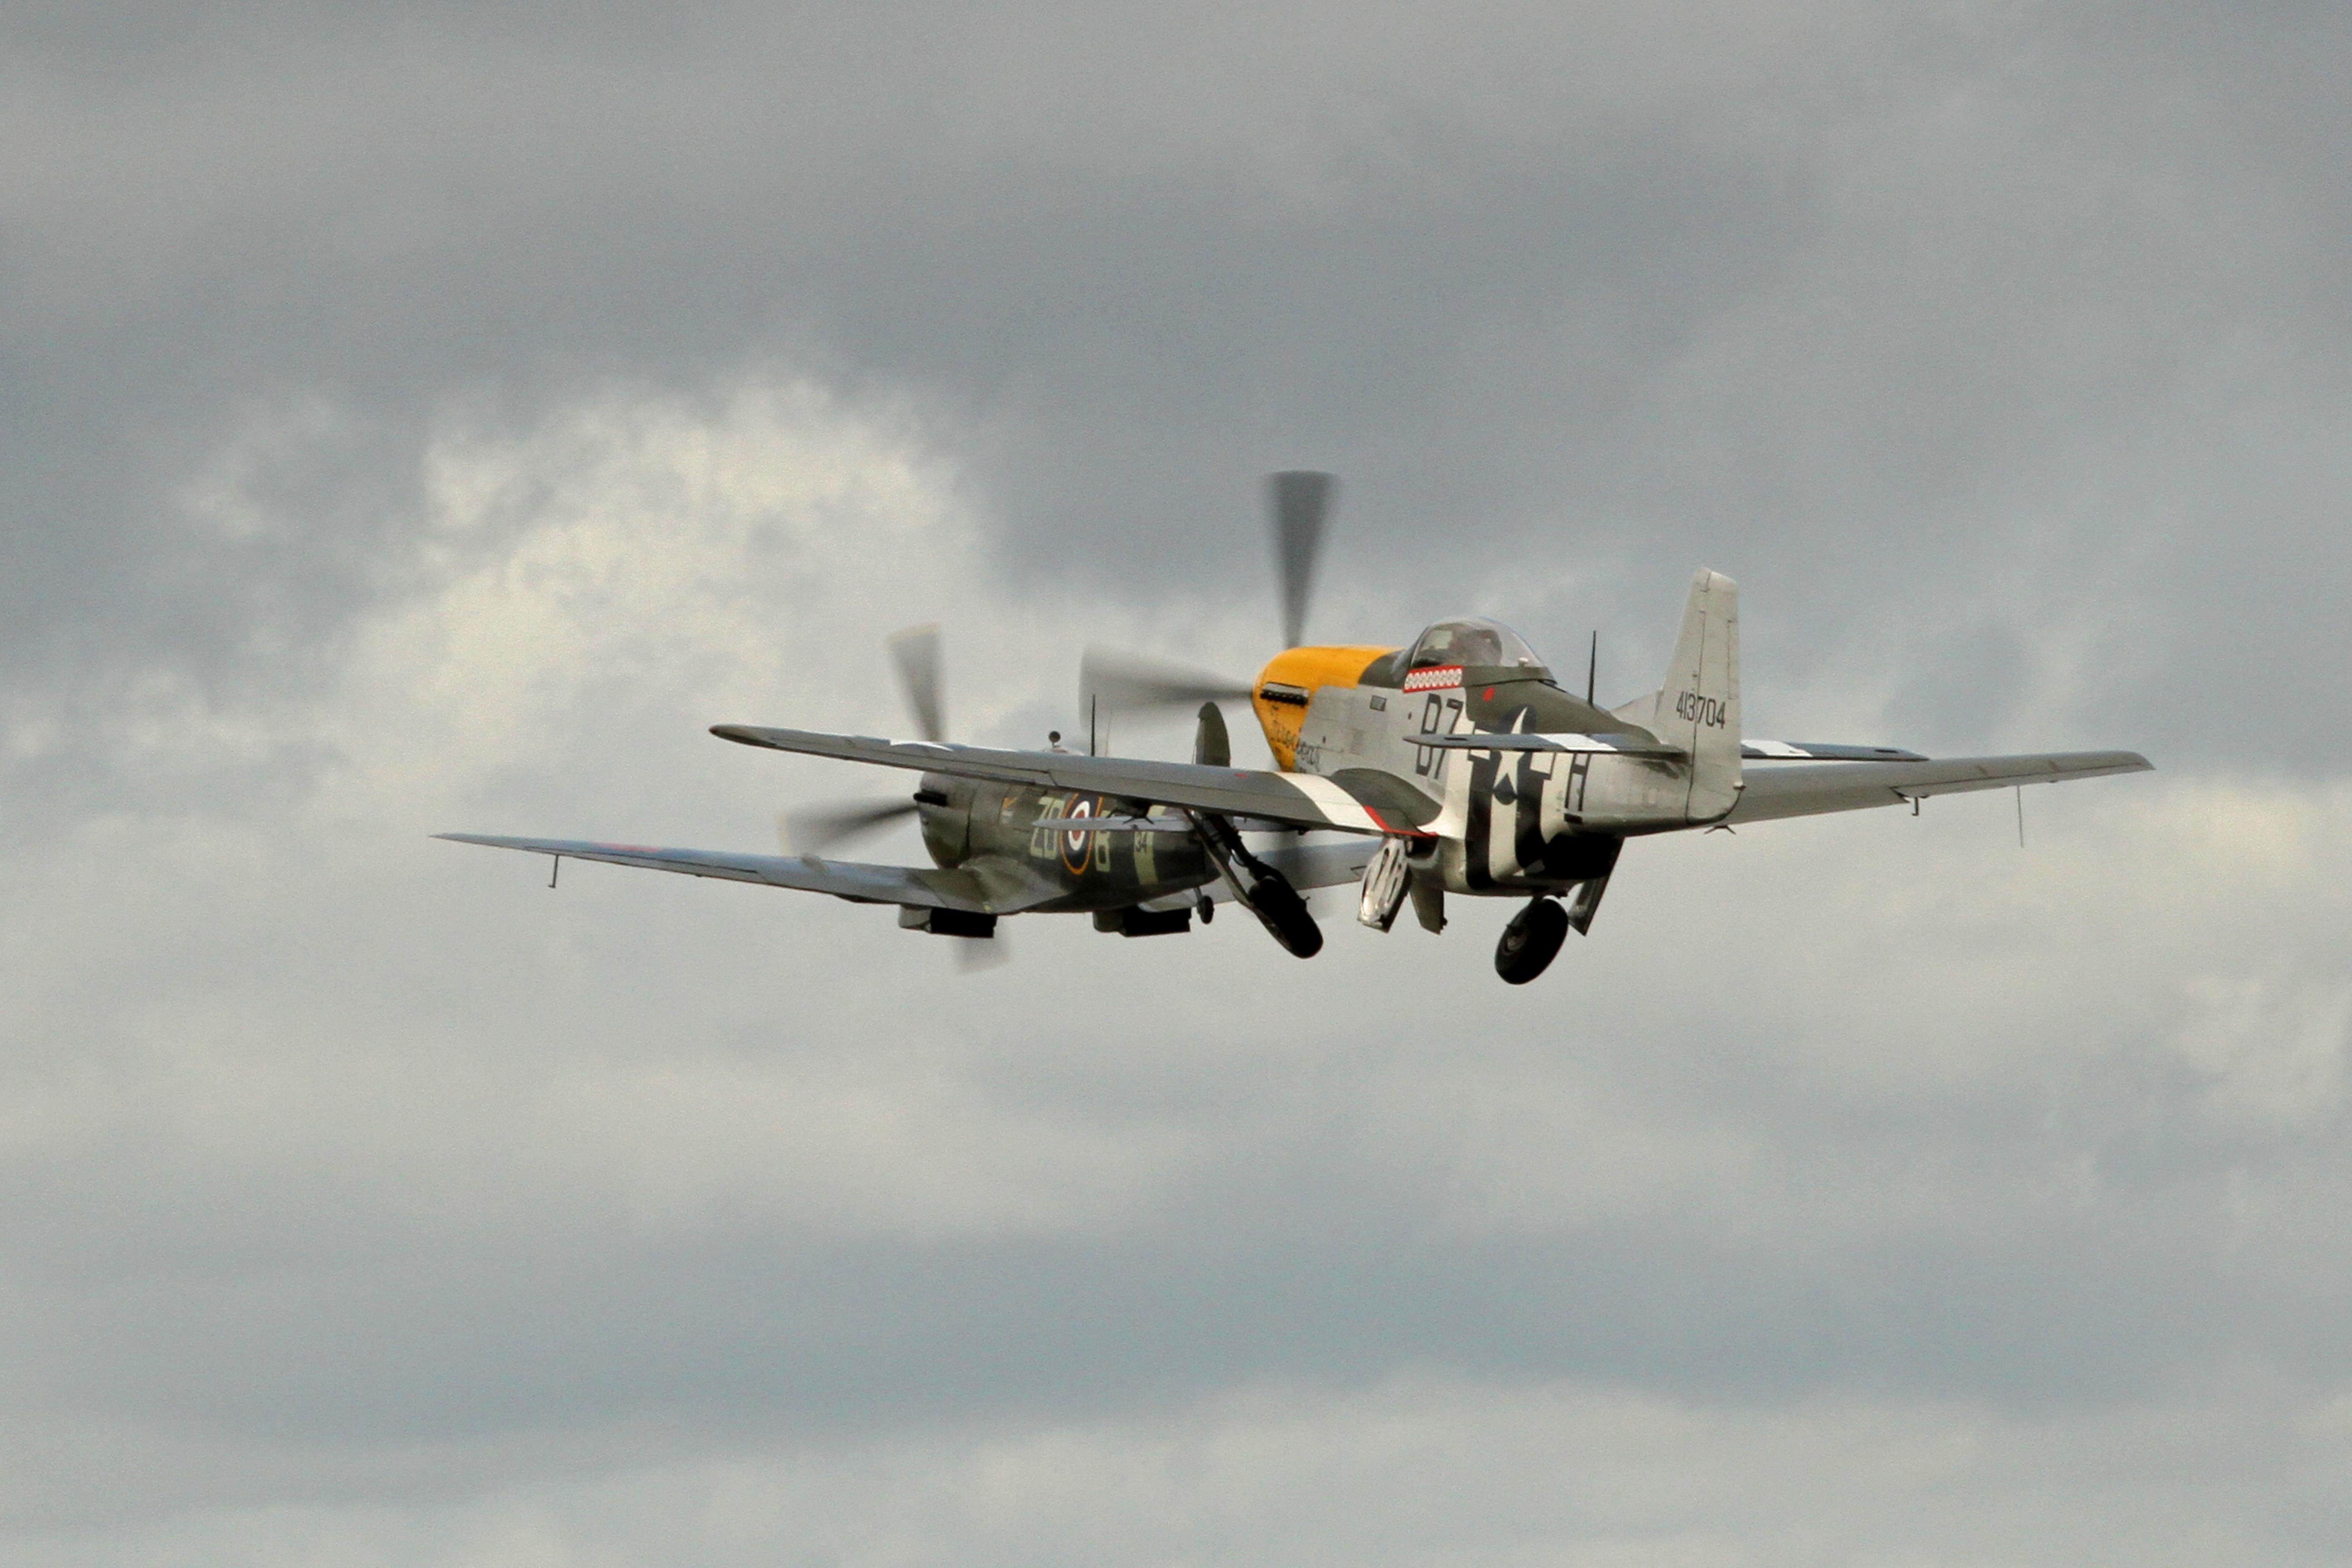 P 51 mustang history